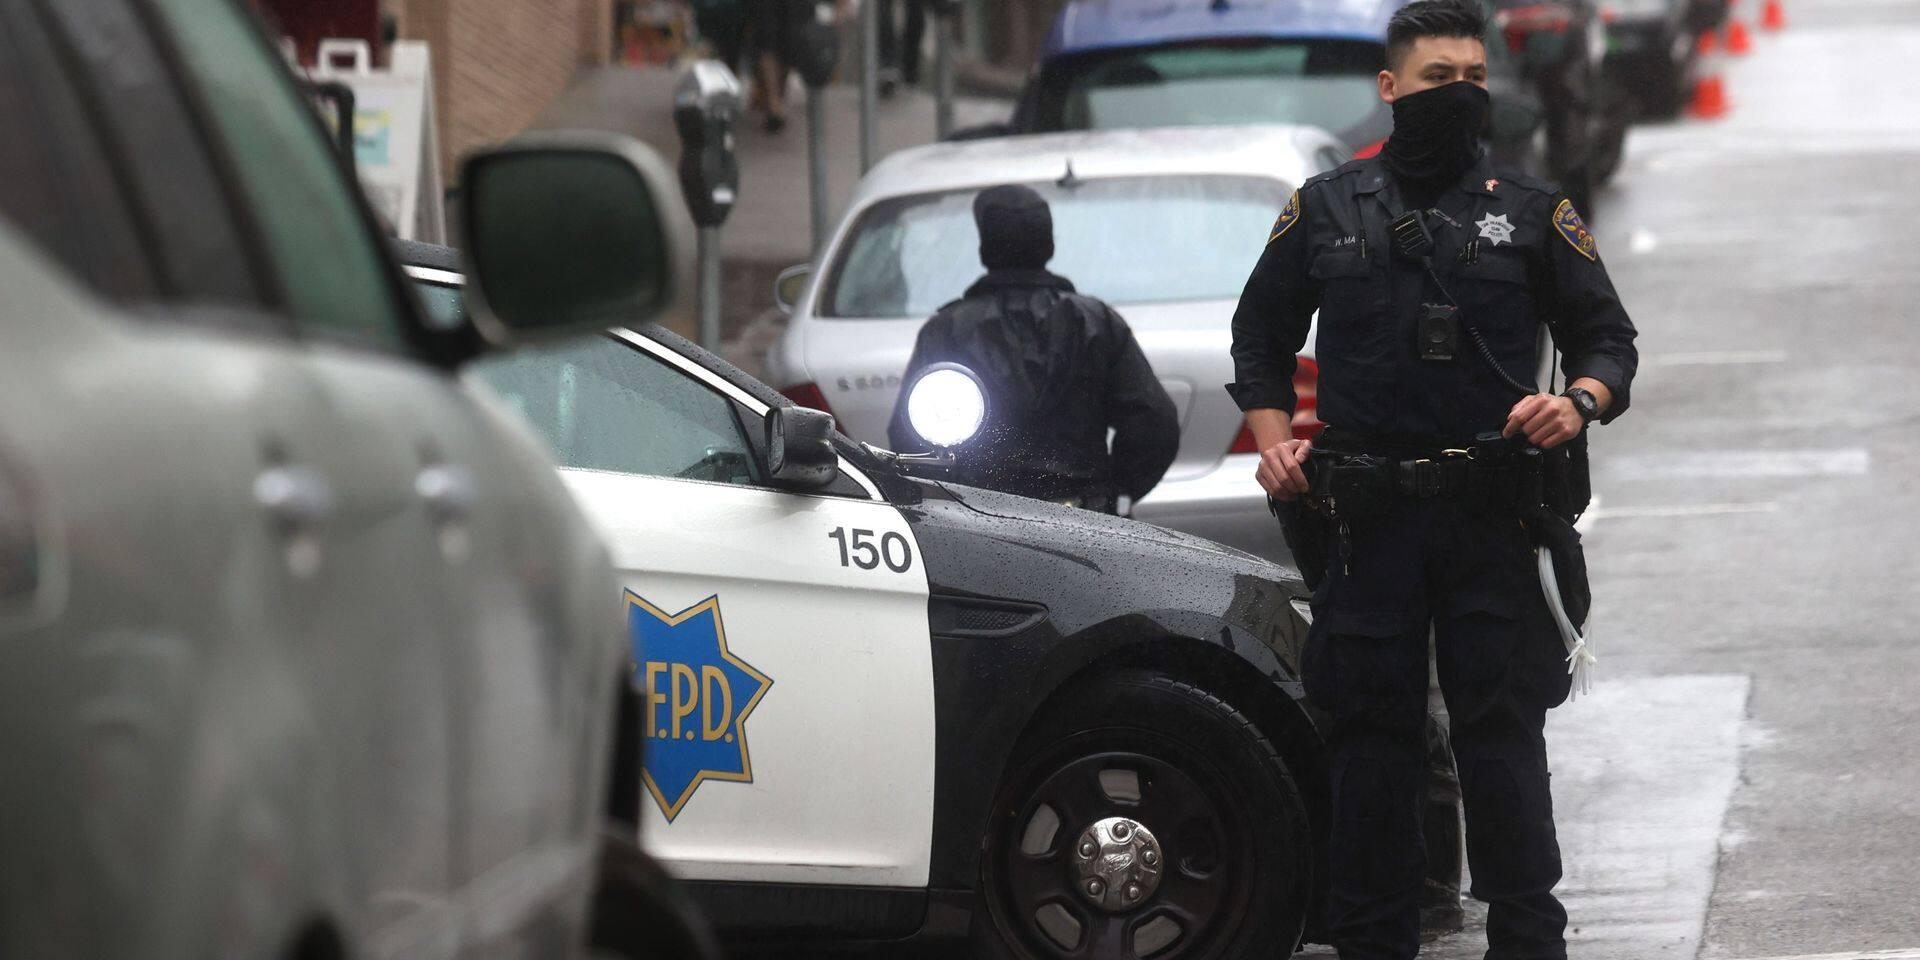 USA: un homme arrêté en possession de 5 armes à son entrée dans un supermarché